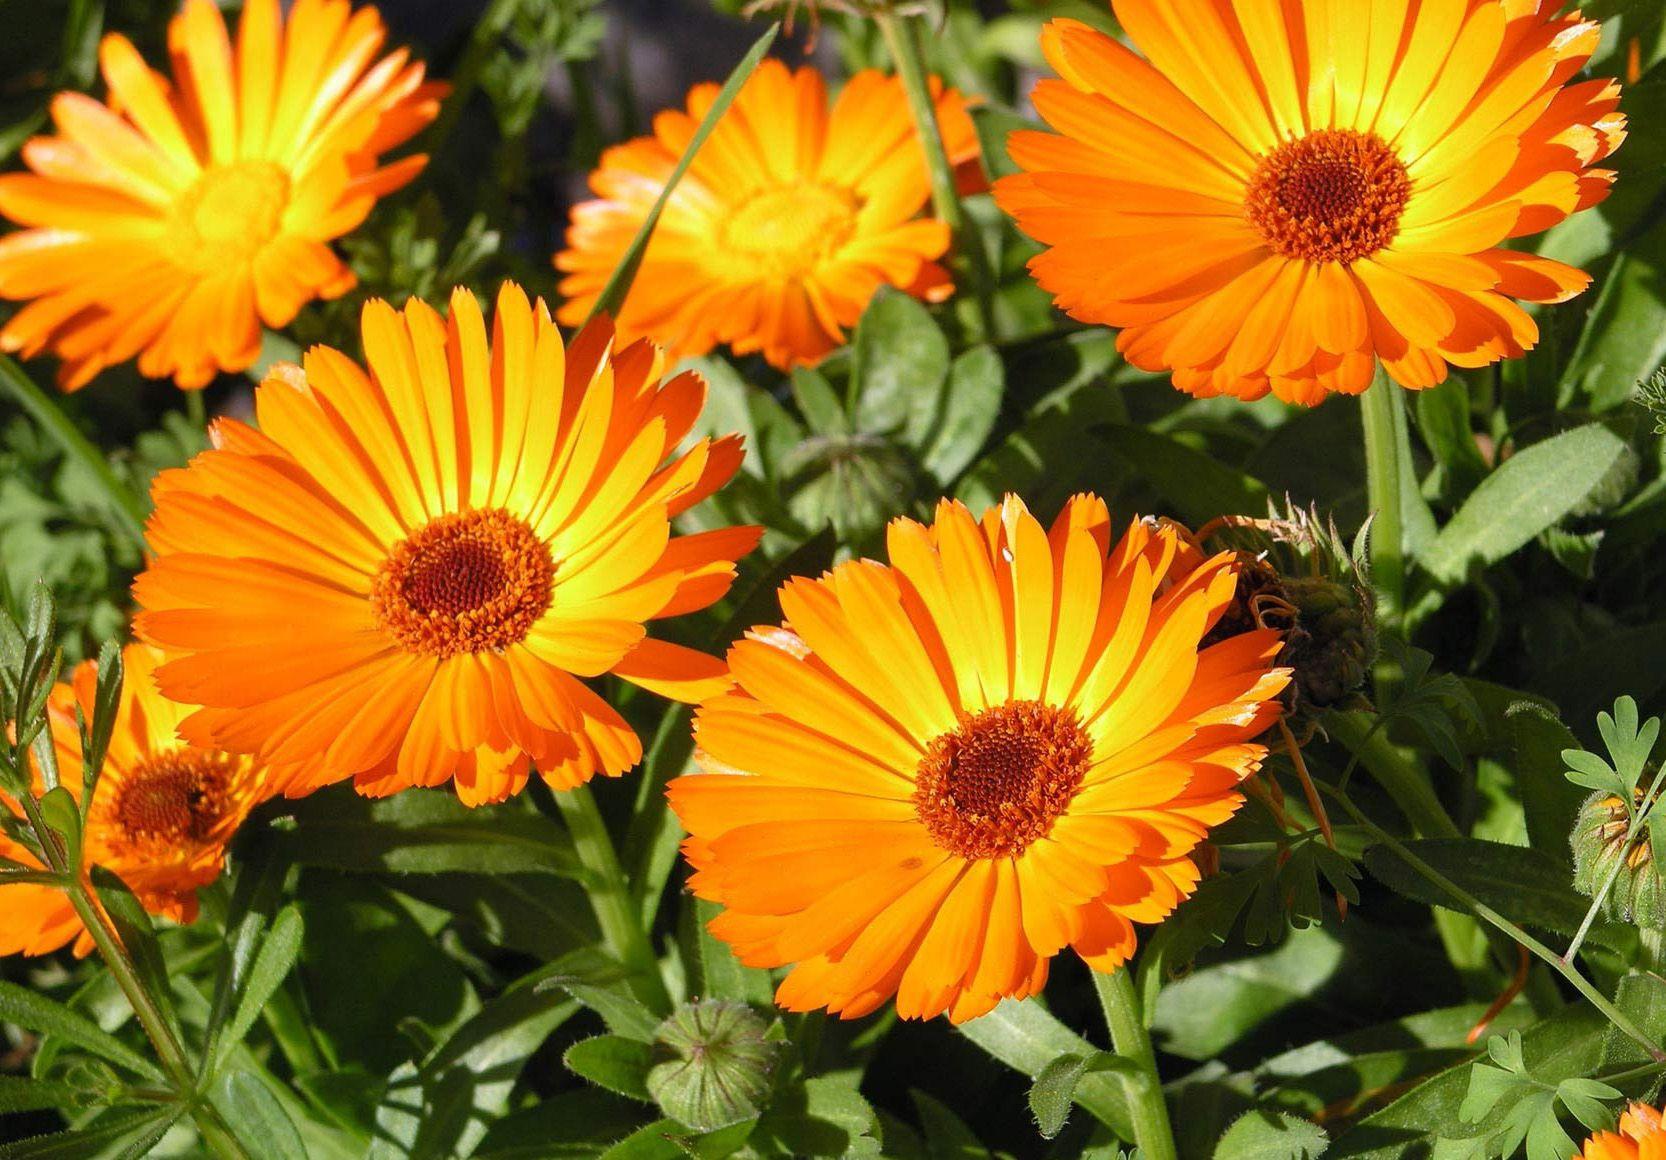 Календула (цветки): лечебные свойства, описание, польза в медицине 857